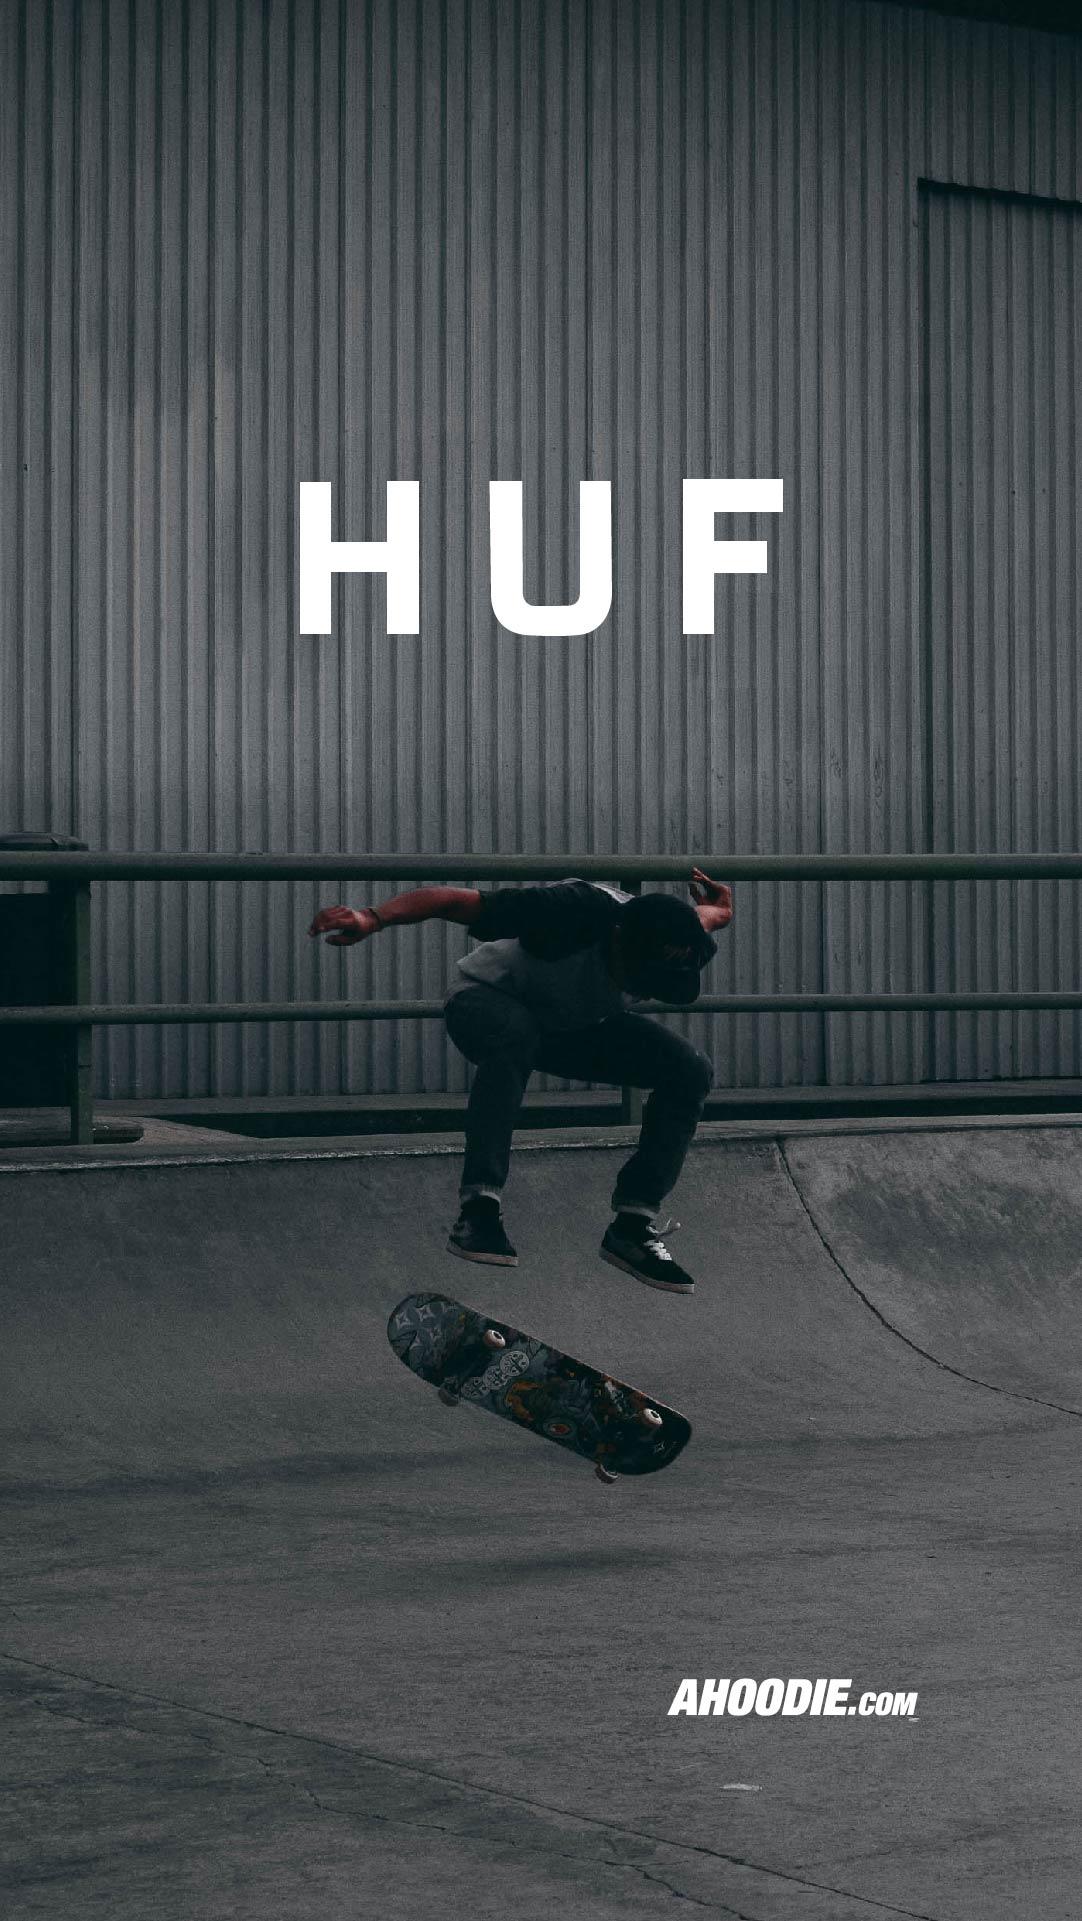 Huf Skateboard Wallpaper